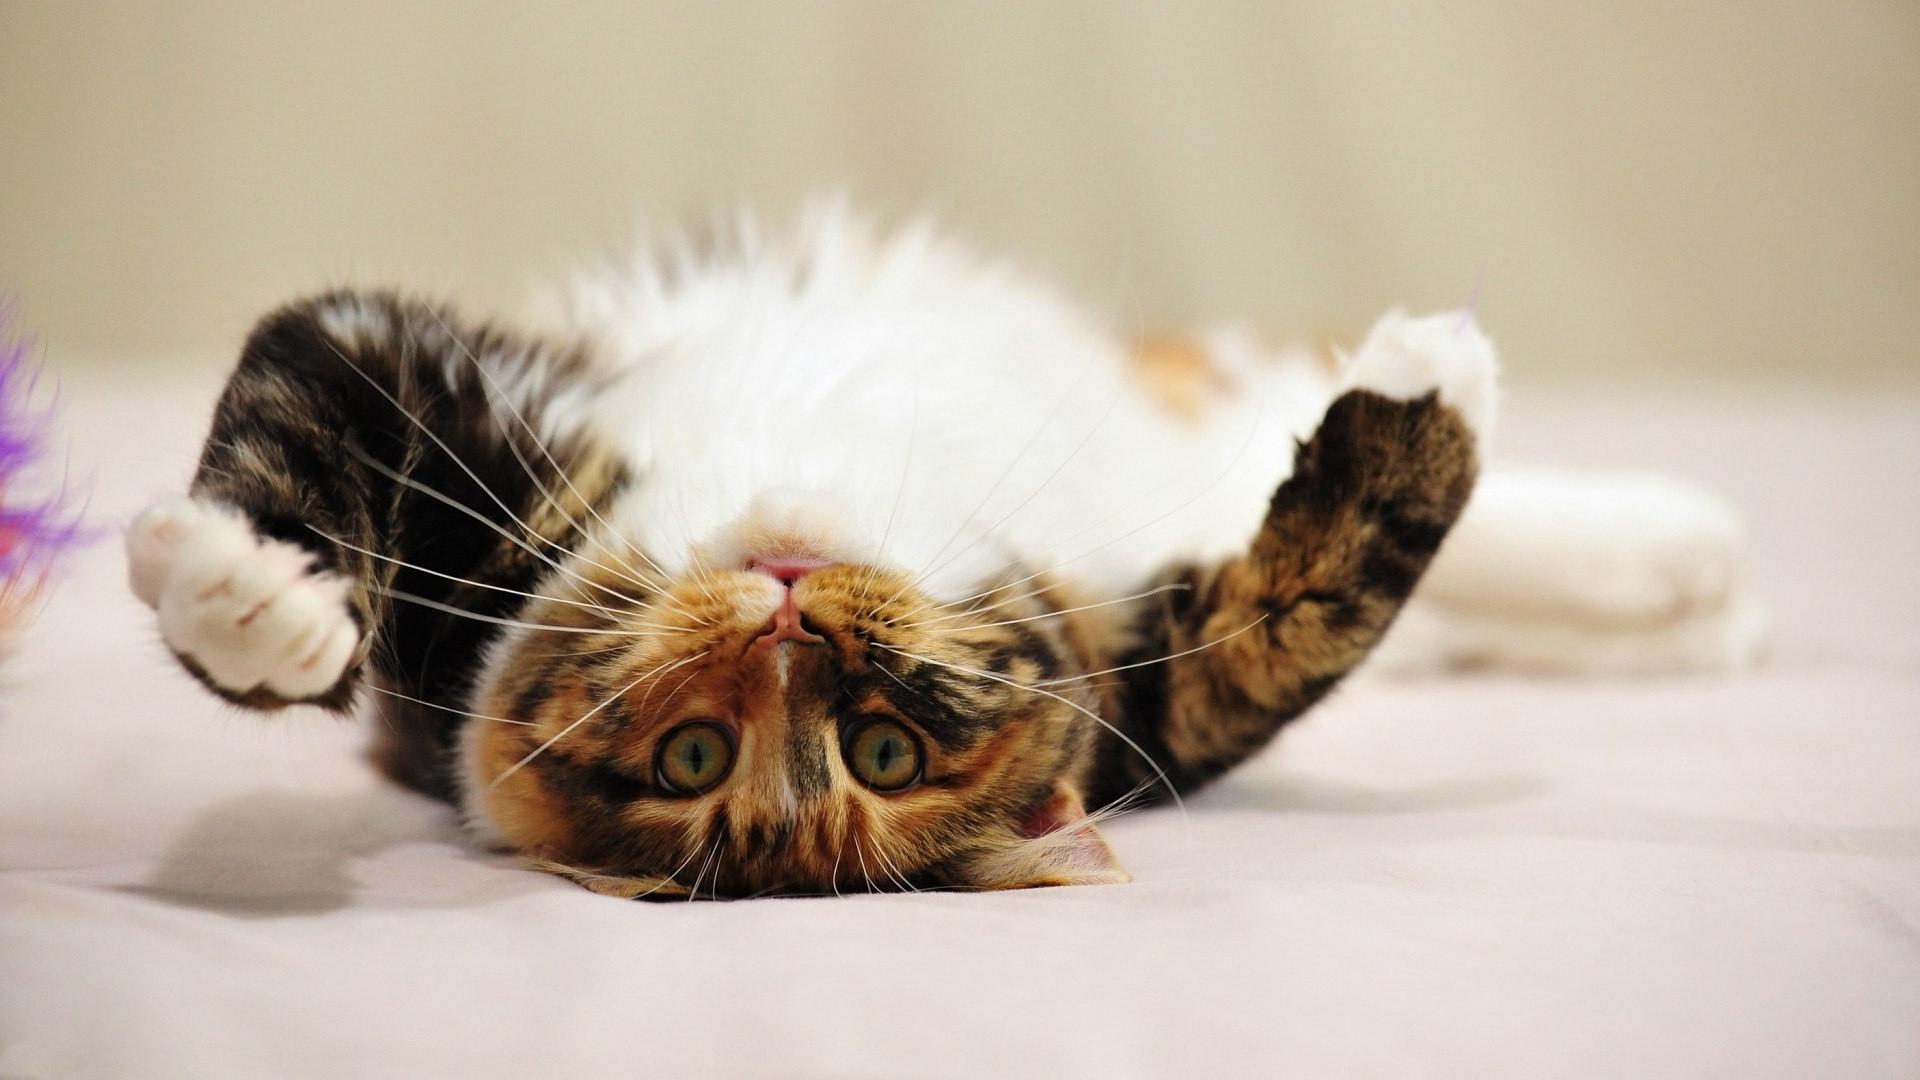 Download Wallpaper 1920x1080 cat, tabby, playful, lie Full HD 1080p ...